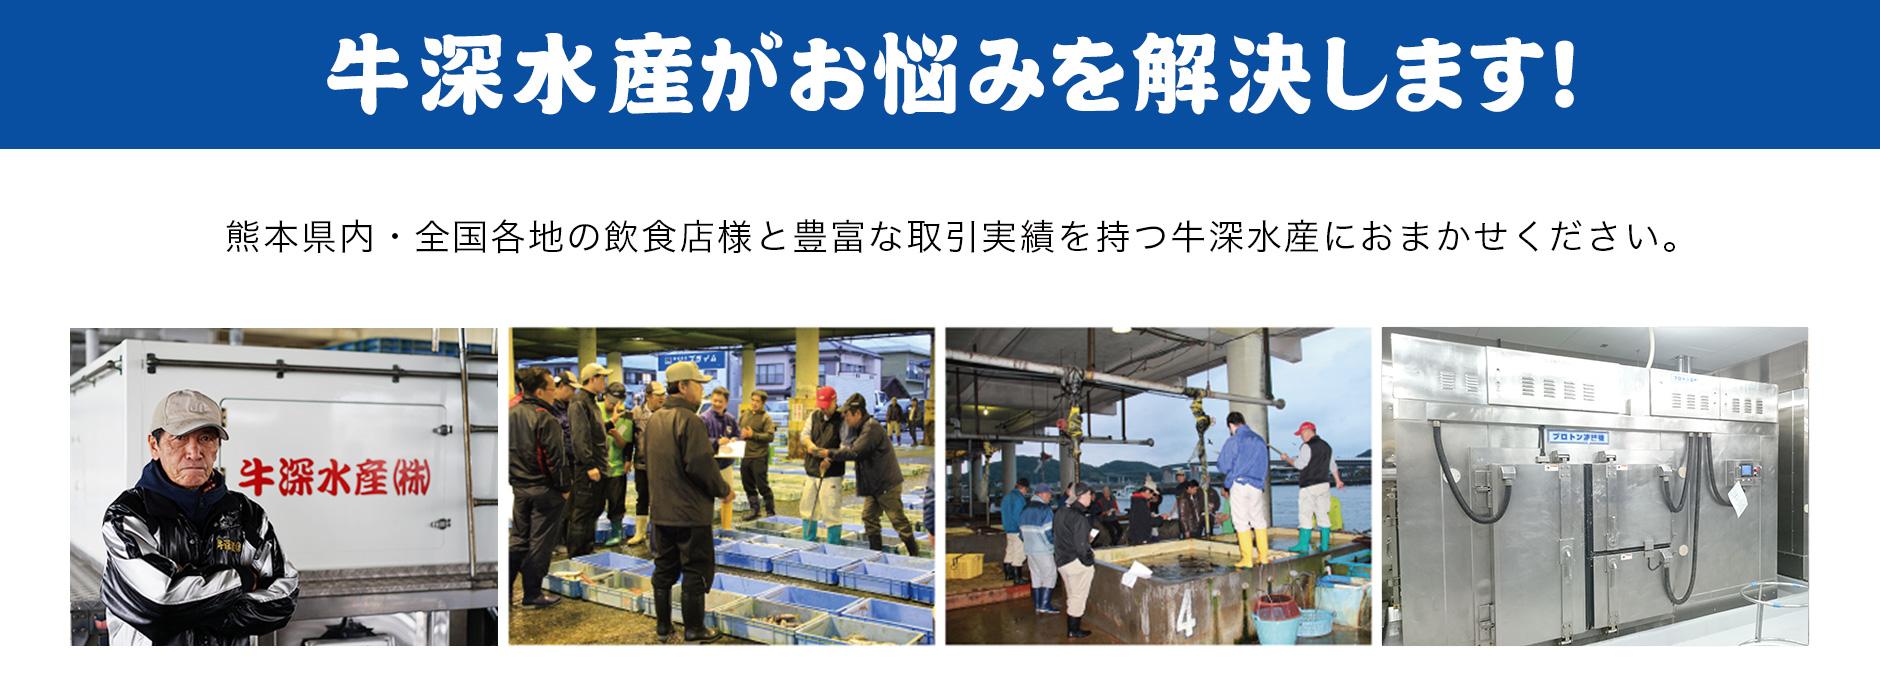 牛深水産がお悩みを解決します!熊本県内・全国各地の飲食店様と豊富な取引実績を持つ牛深水産におまかせください。